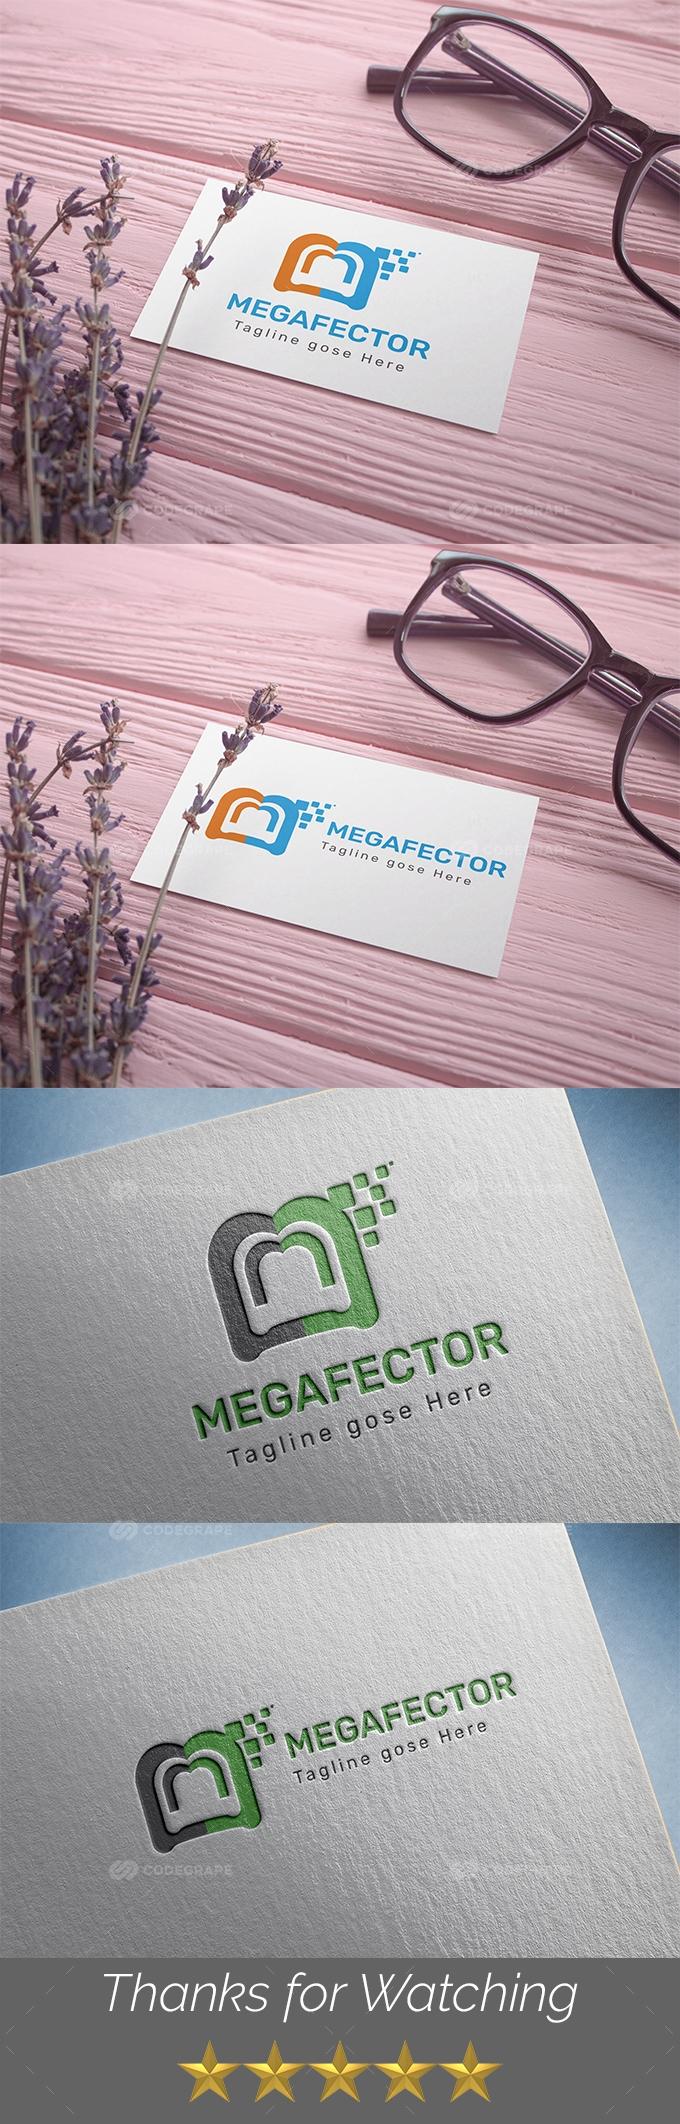 Megafector m Letter Logo Templates